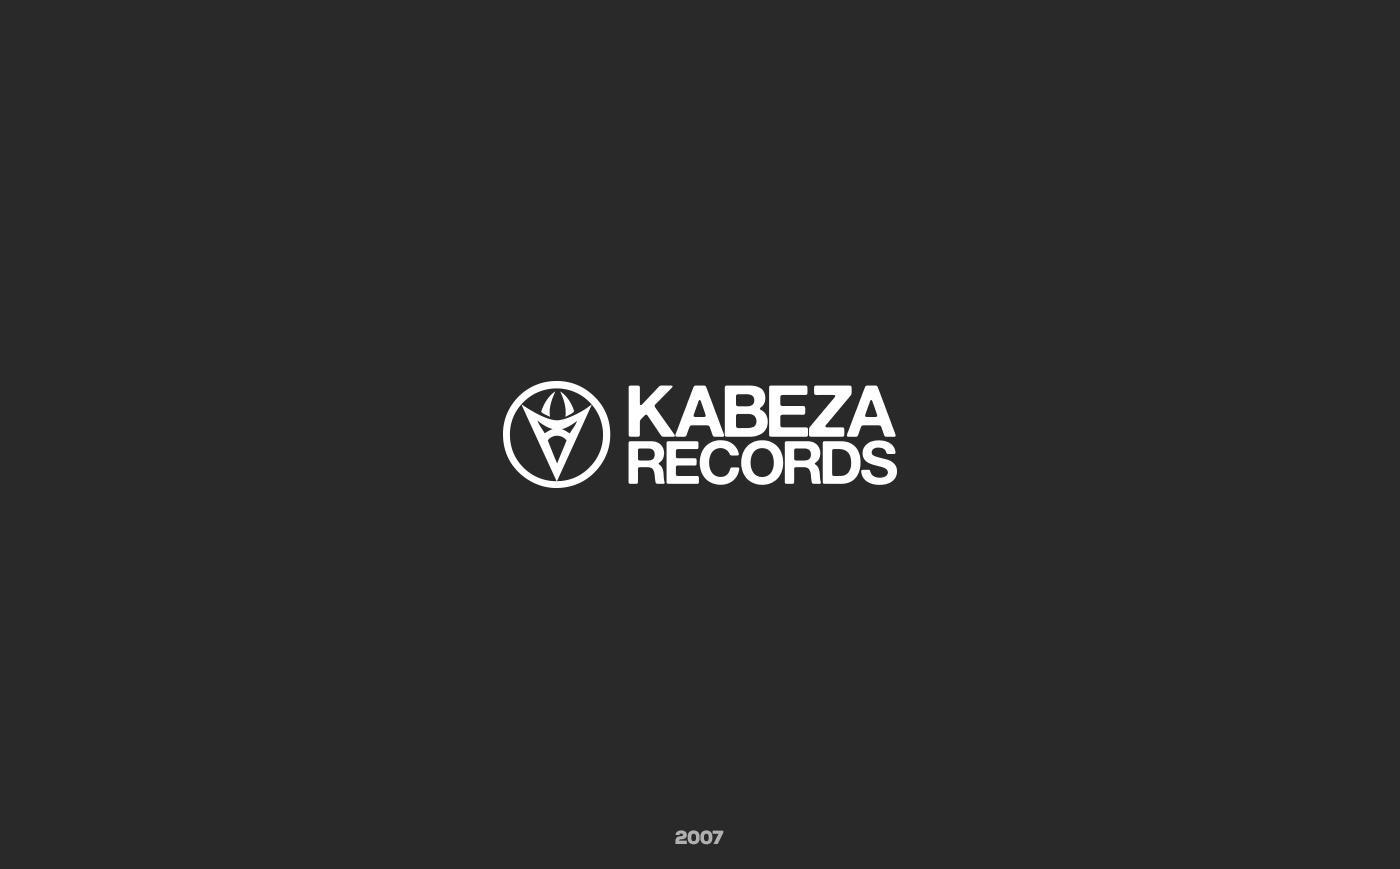 KABEZA-RECORDS-IDENTIDAD-2007-02